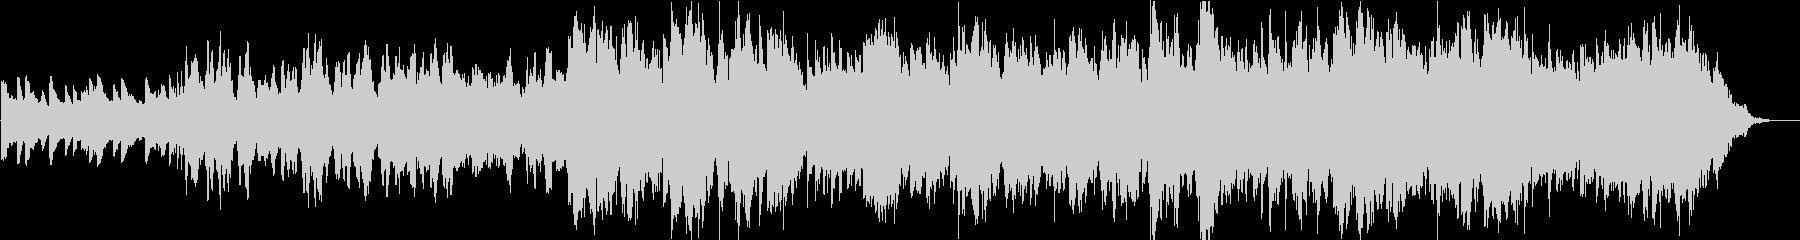 ジュピター(二胡バージョン)の未再生の波形